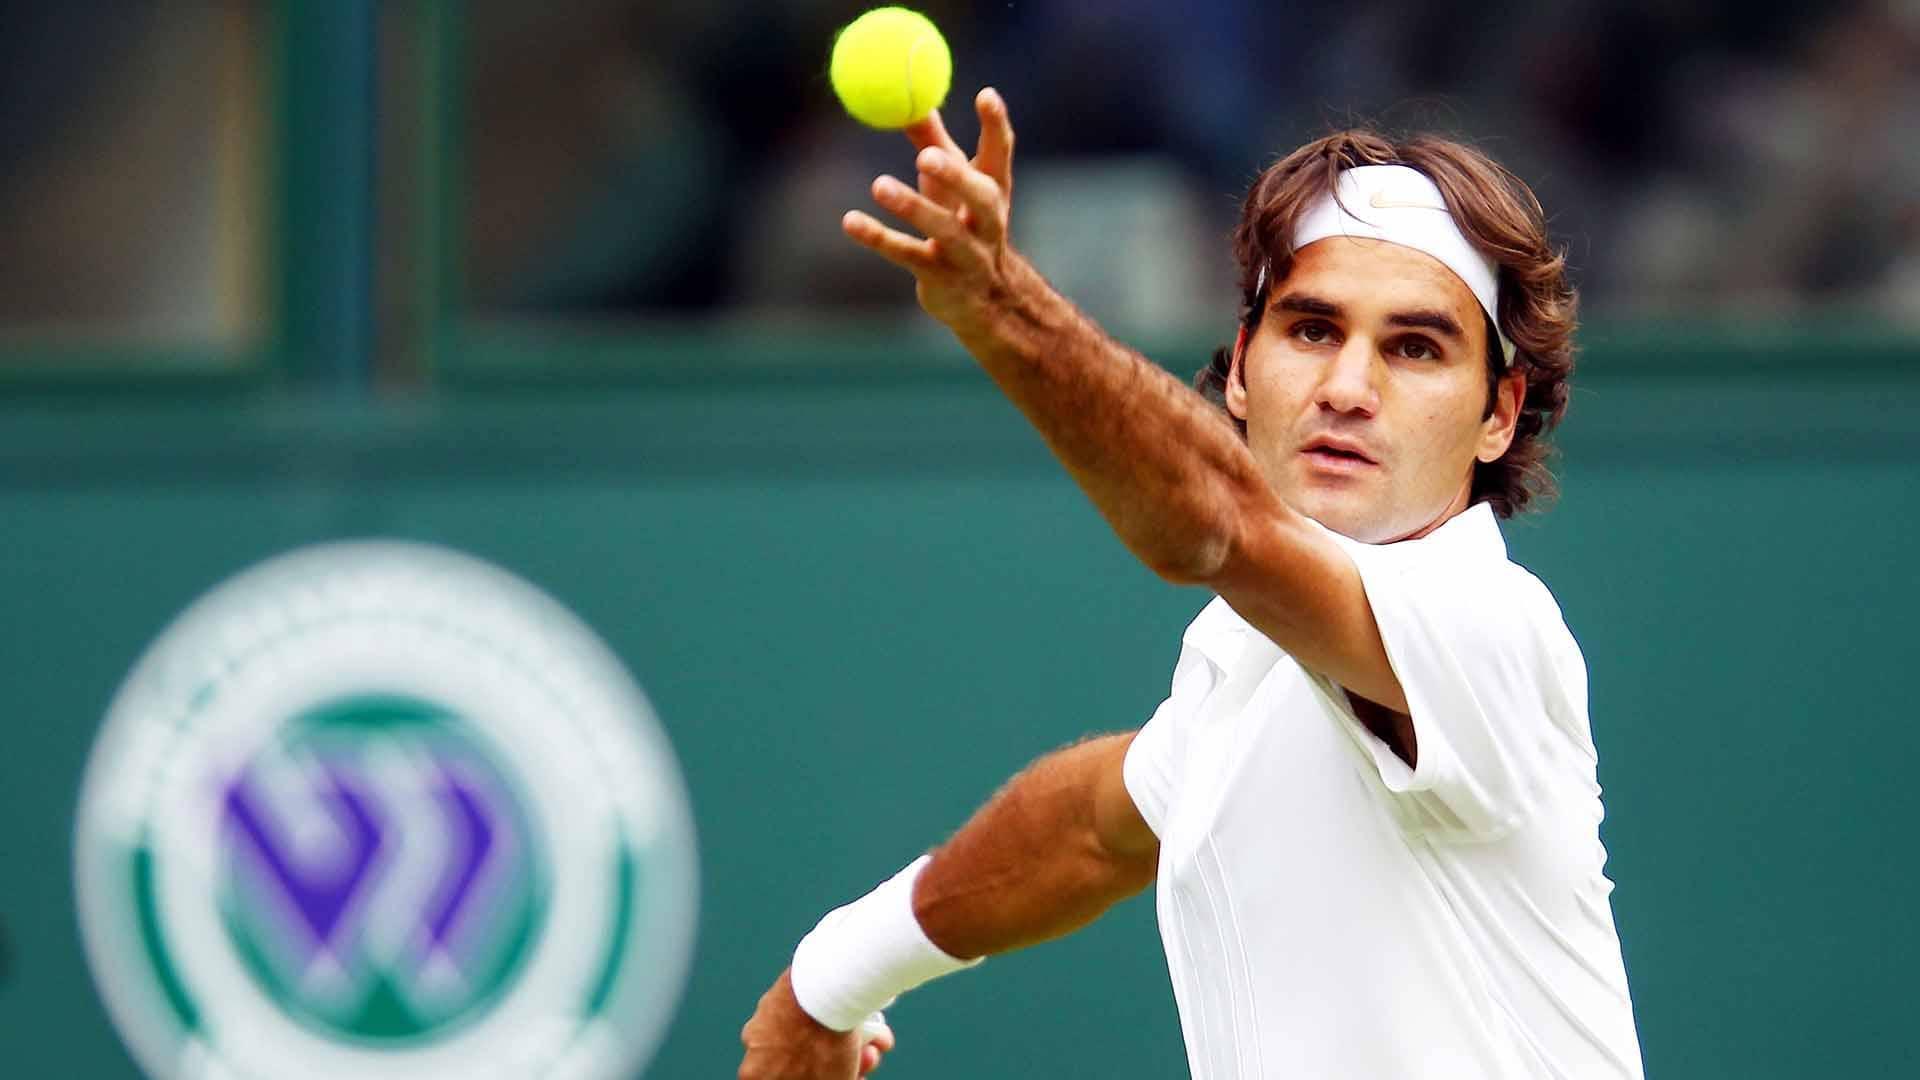 Federer Sobrevive Para Pelear Otro Día En Wimbledon   ATP Tour   Tenis